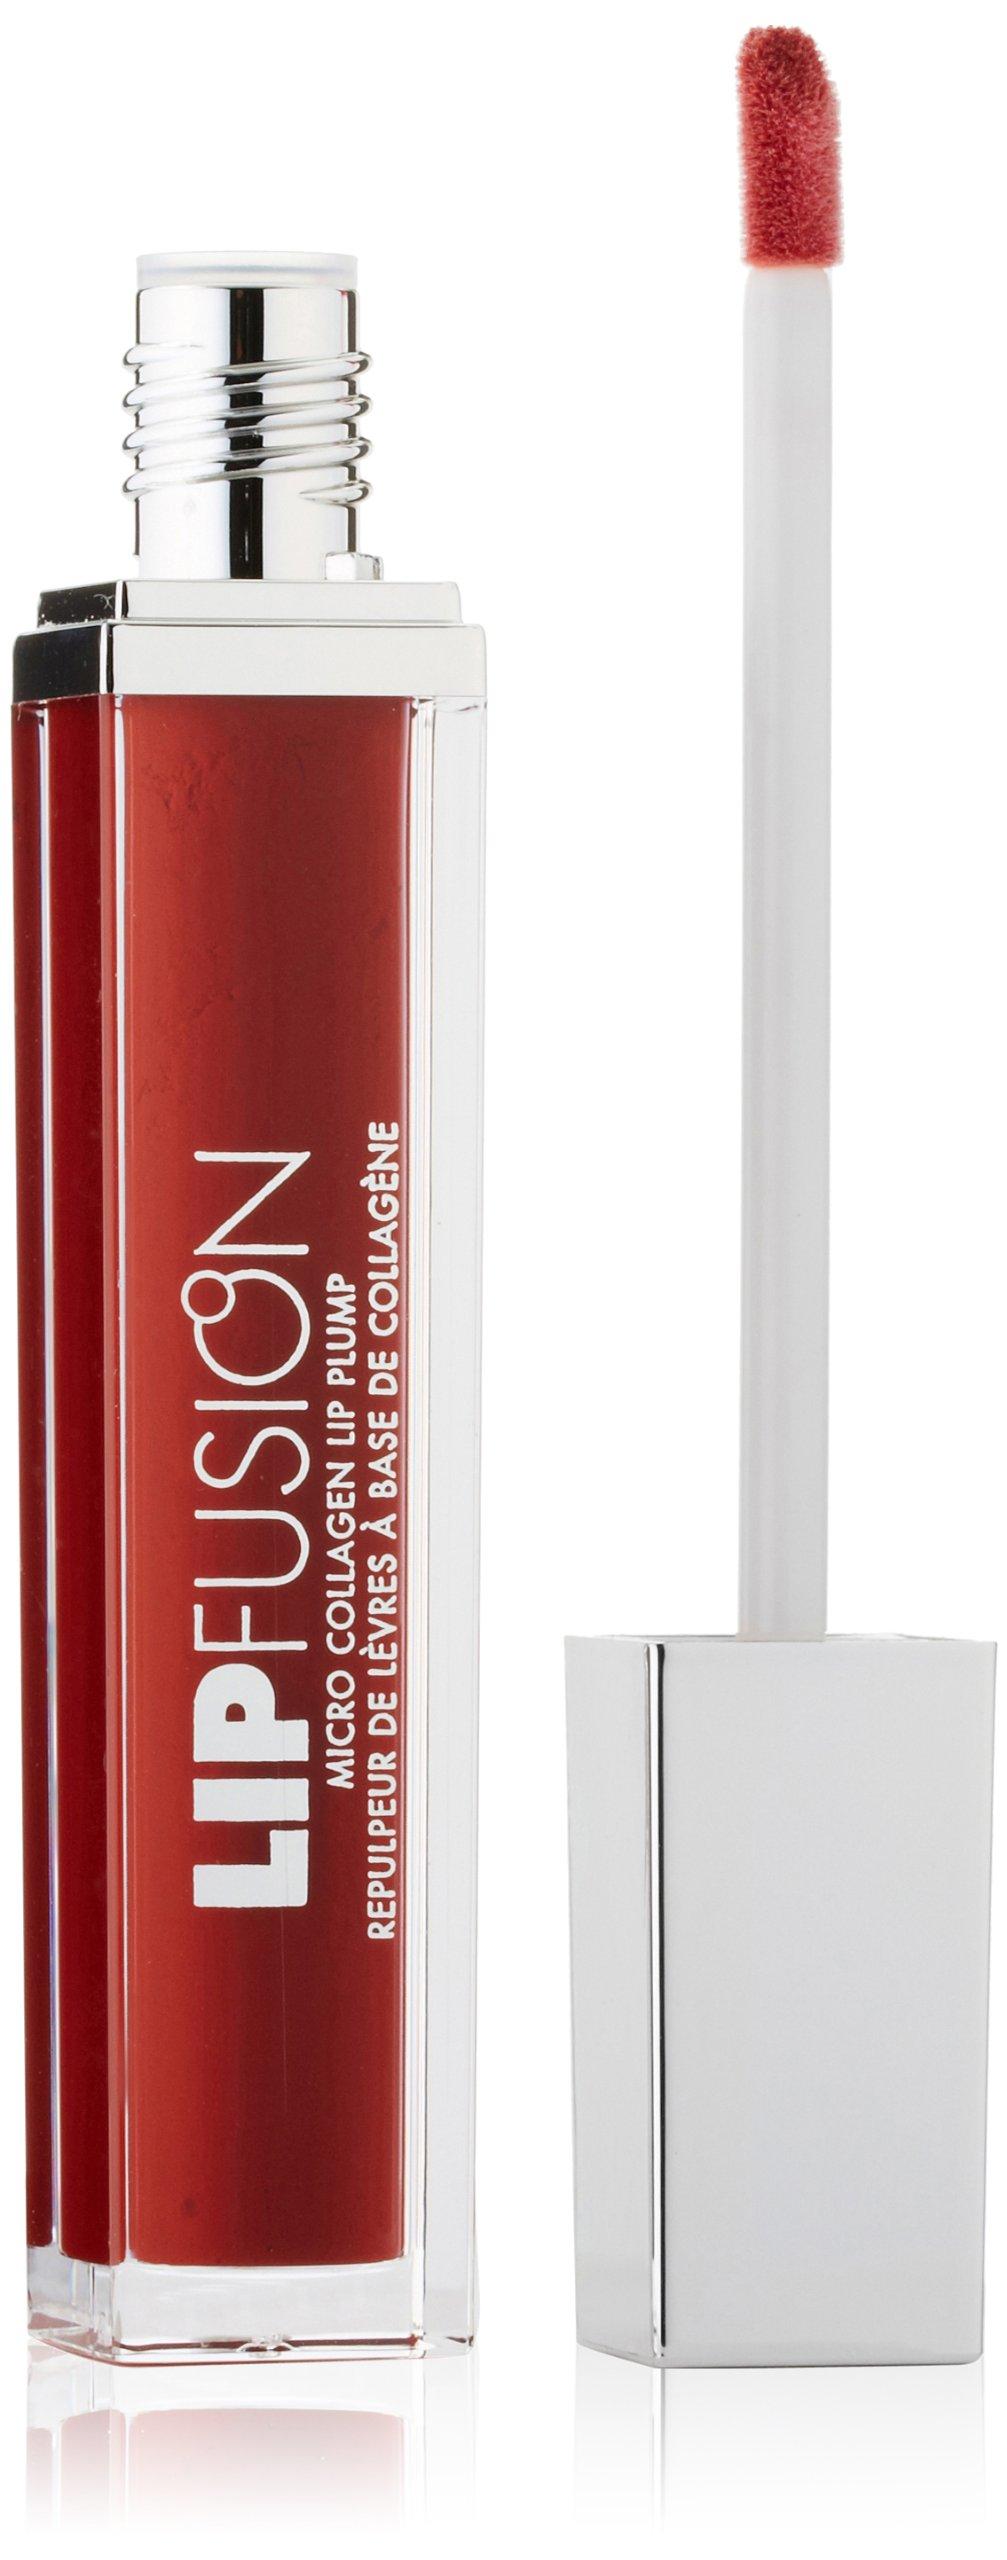 Fusionbeauty Lipfusion Micro Injected Collagen Lip Plump Color Shine